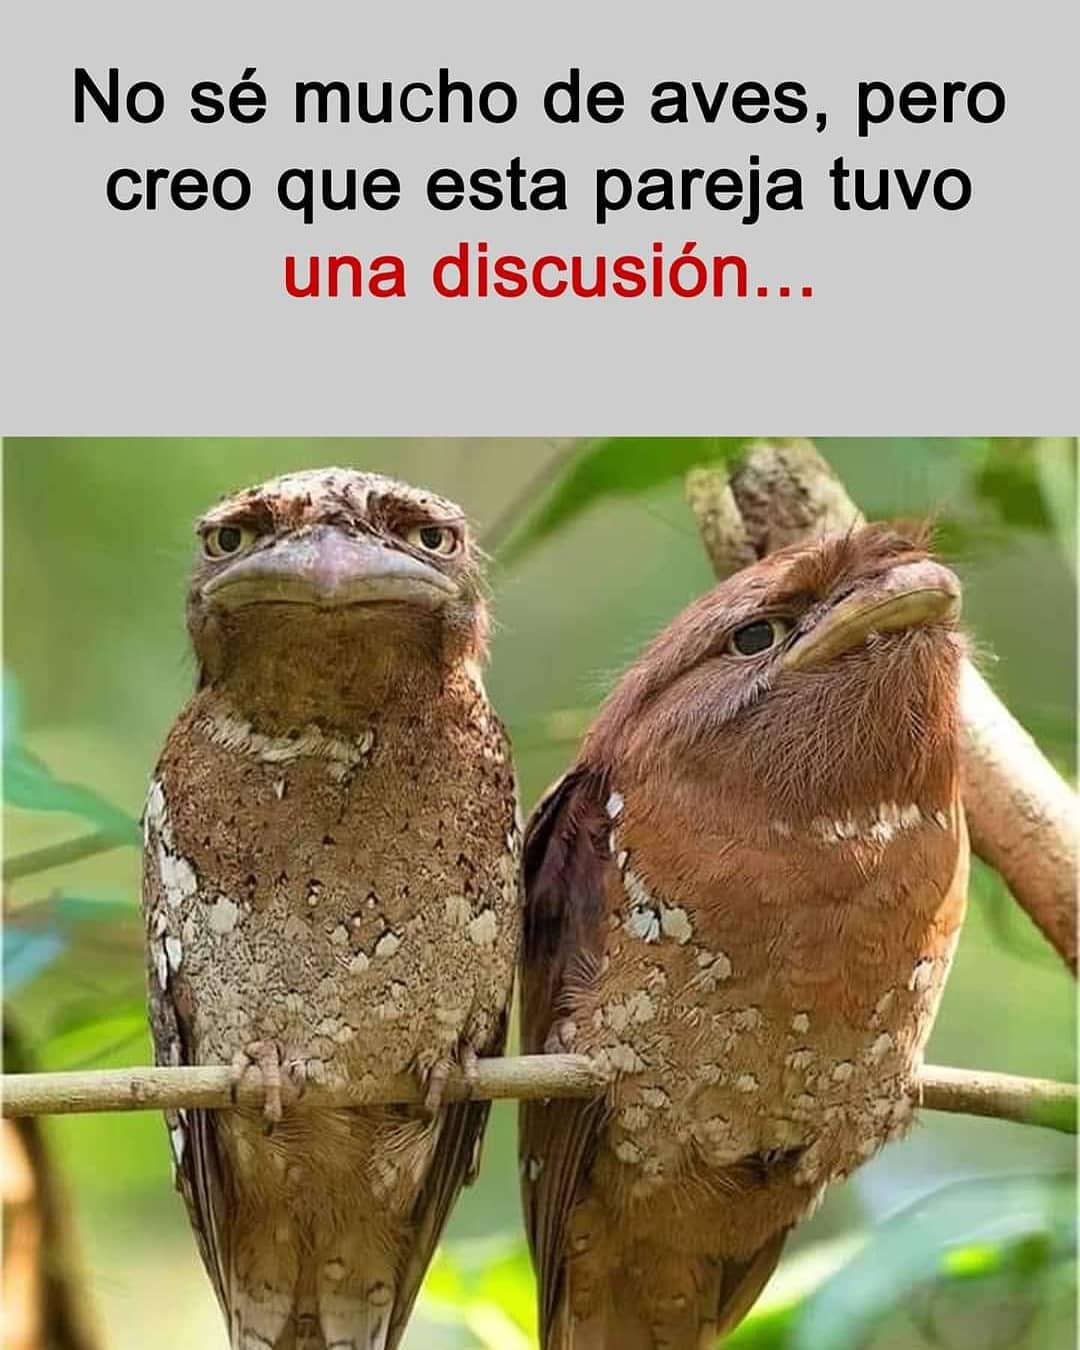 No sé mucho de aves, pero creo que esta pareja tuvo una discusión...